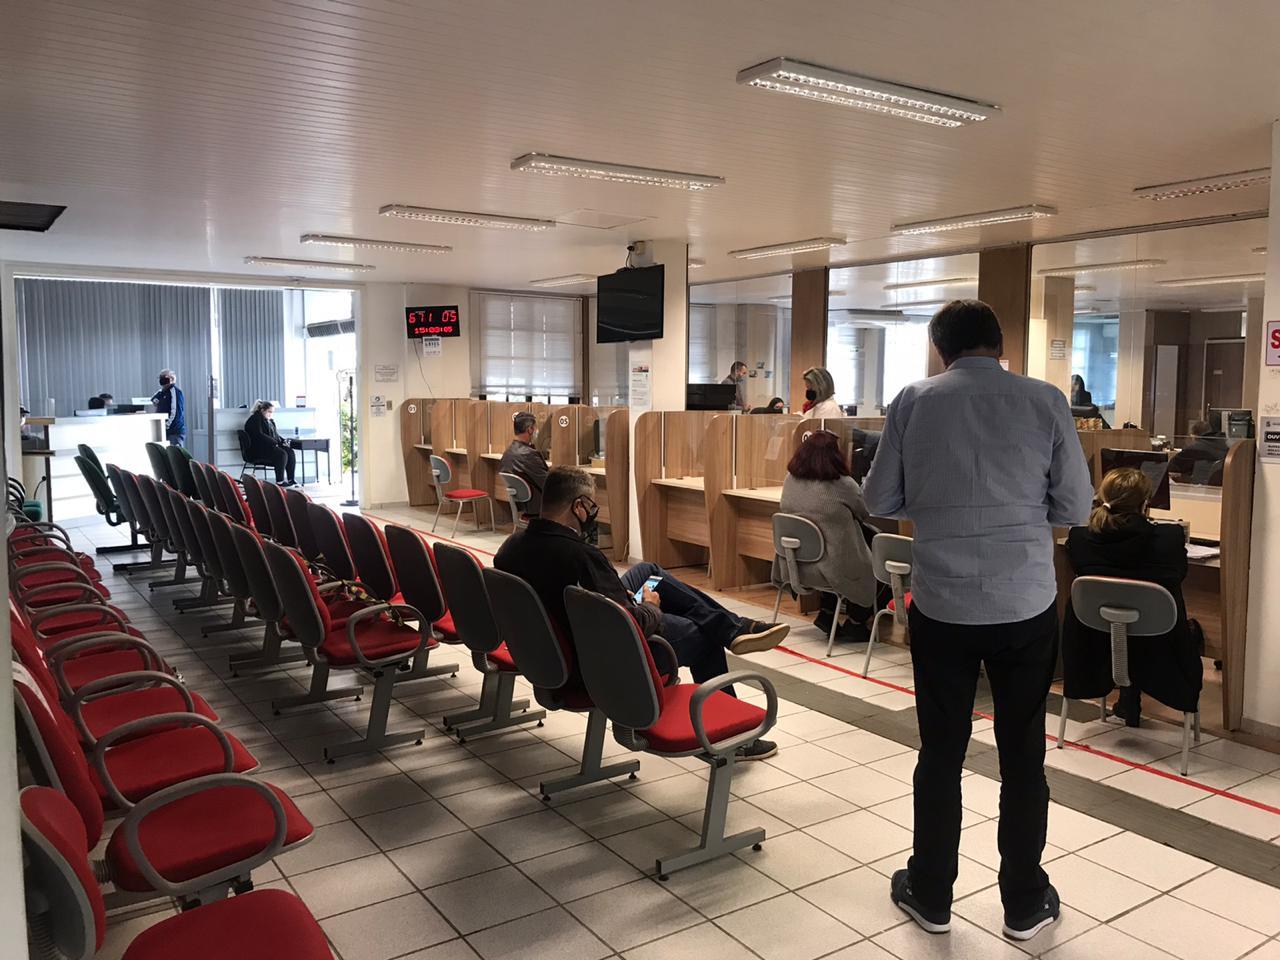 Coronavírus: Secretaria da Fazenda atenderá somente em horários agendados